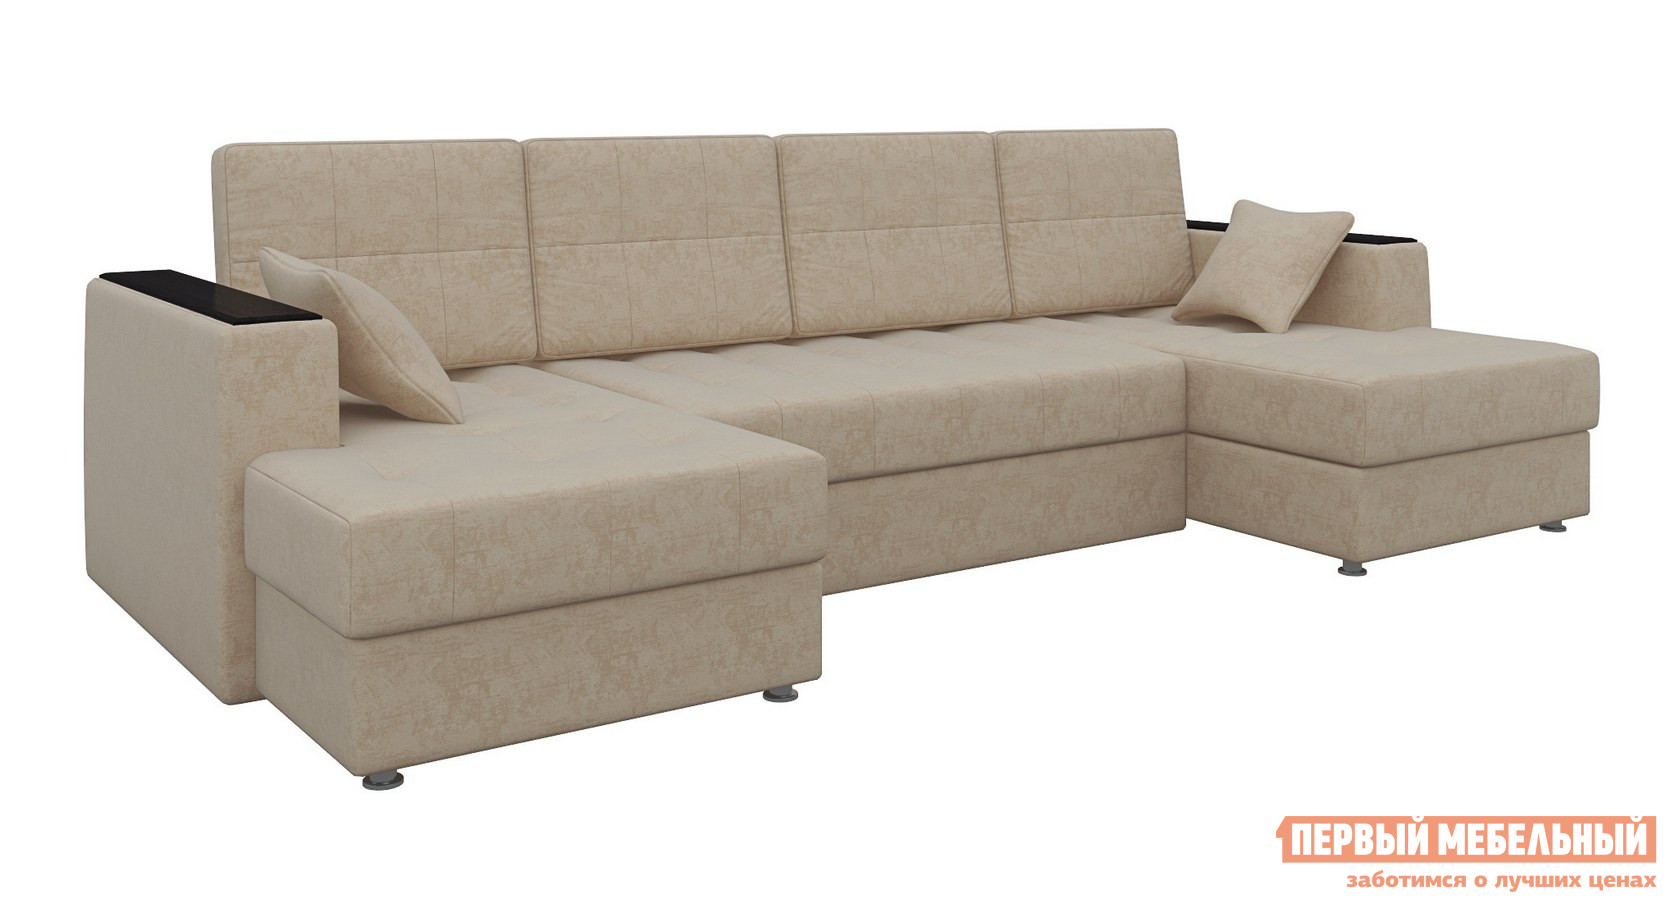 Угловой диван Мебелико Эмир-П диван п образный угловой aria